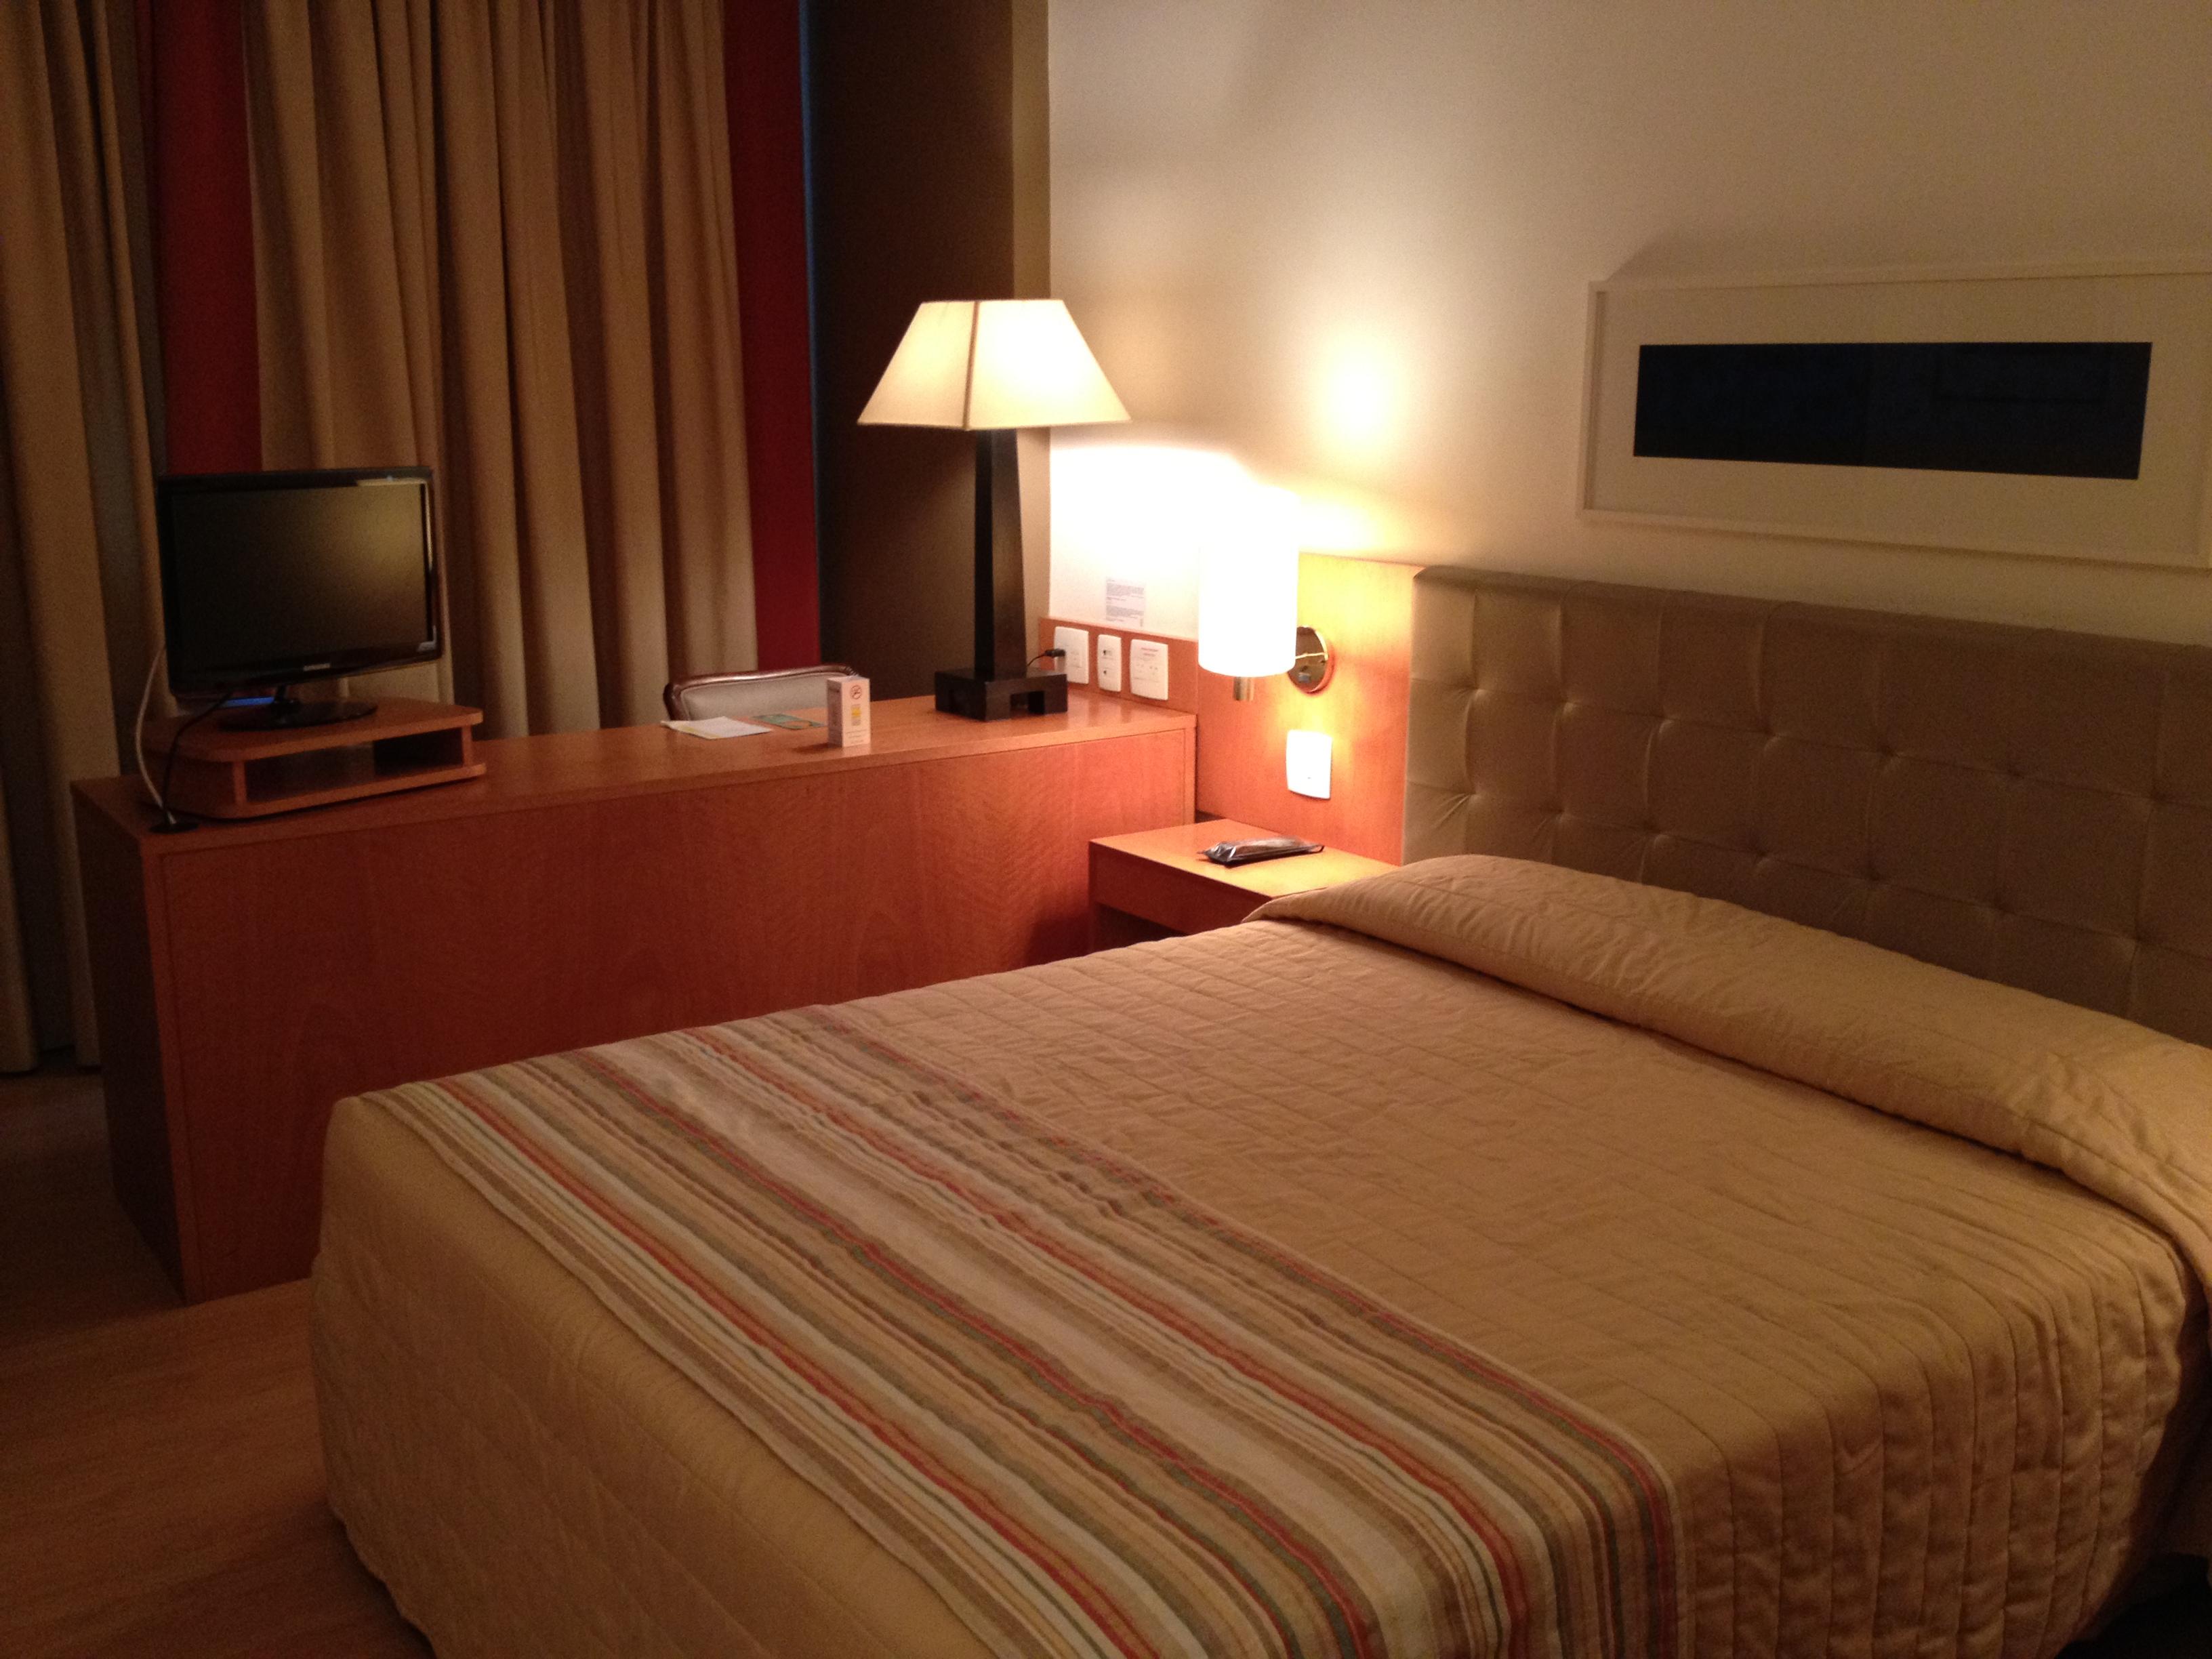 Hospedagem no Rio: Hotel Novo Mundo